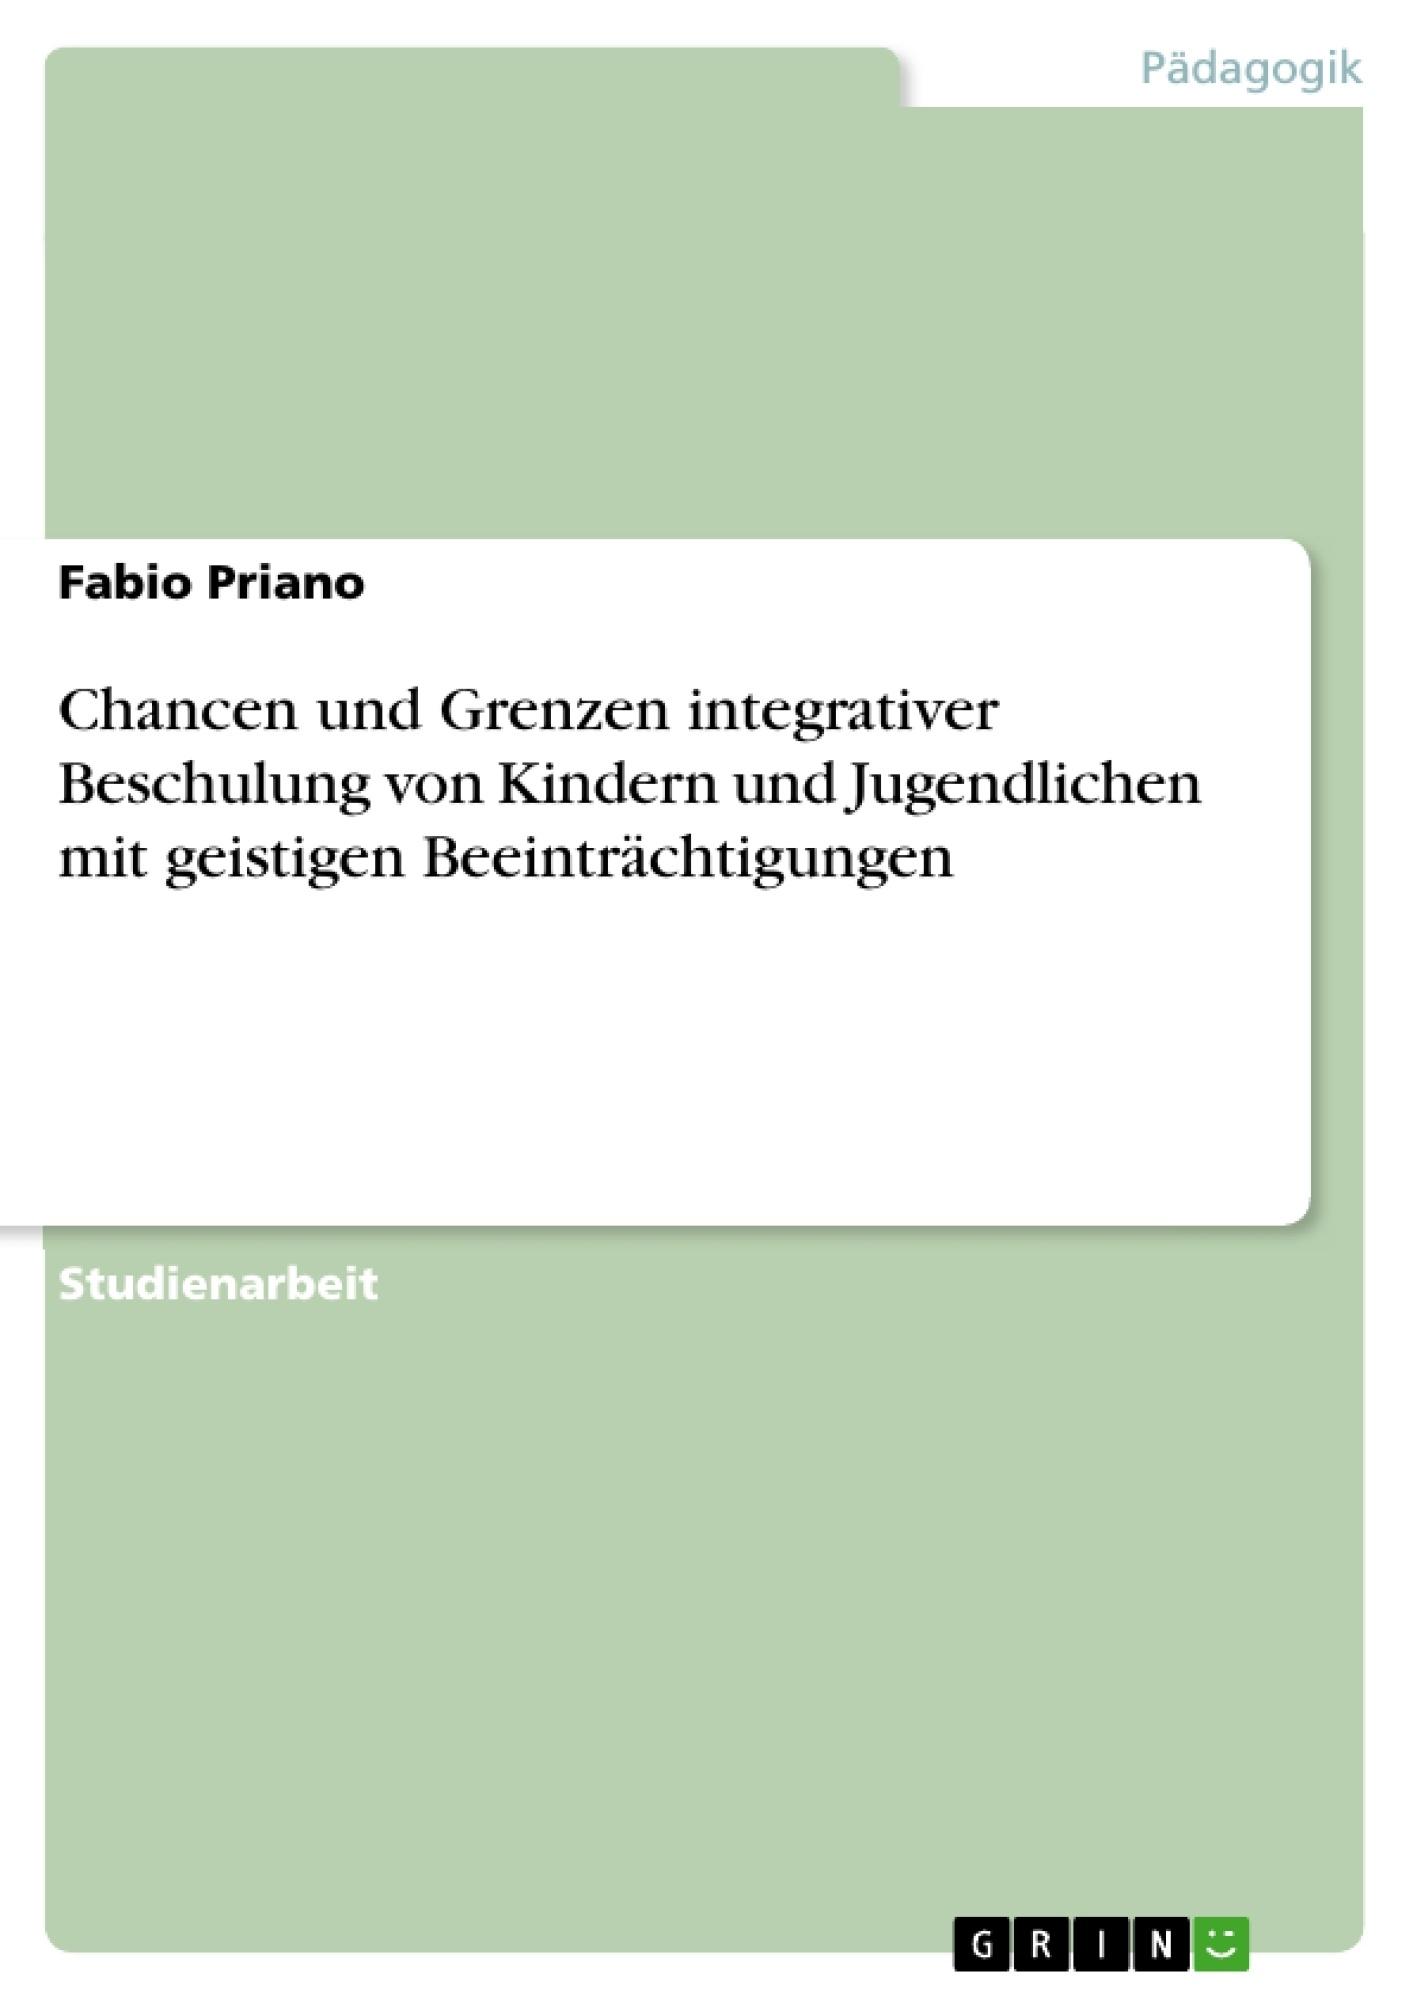 Titel: Chancen und Grenzen integrativer Beschulung von Kindern und Jugendlichen mit geistigen Beeinträchtigungen